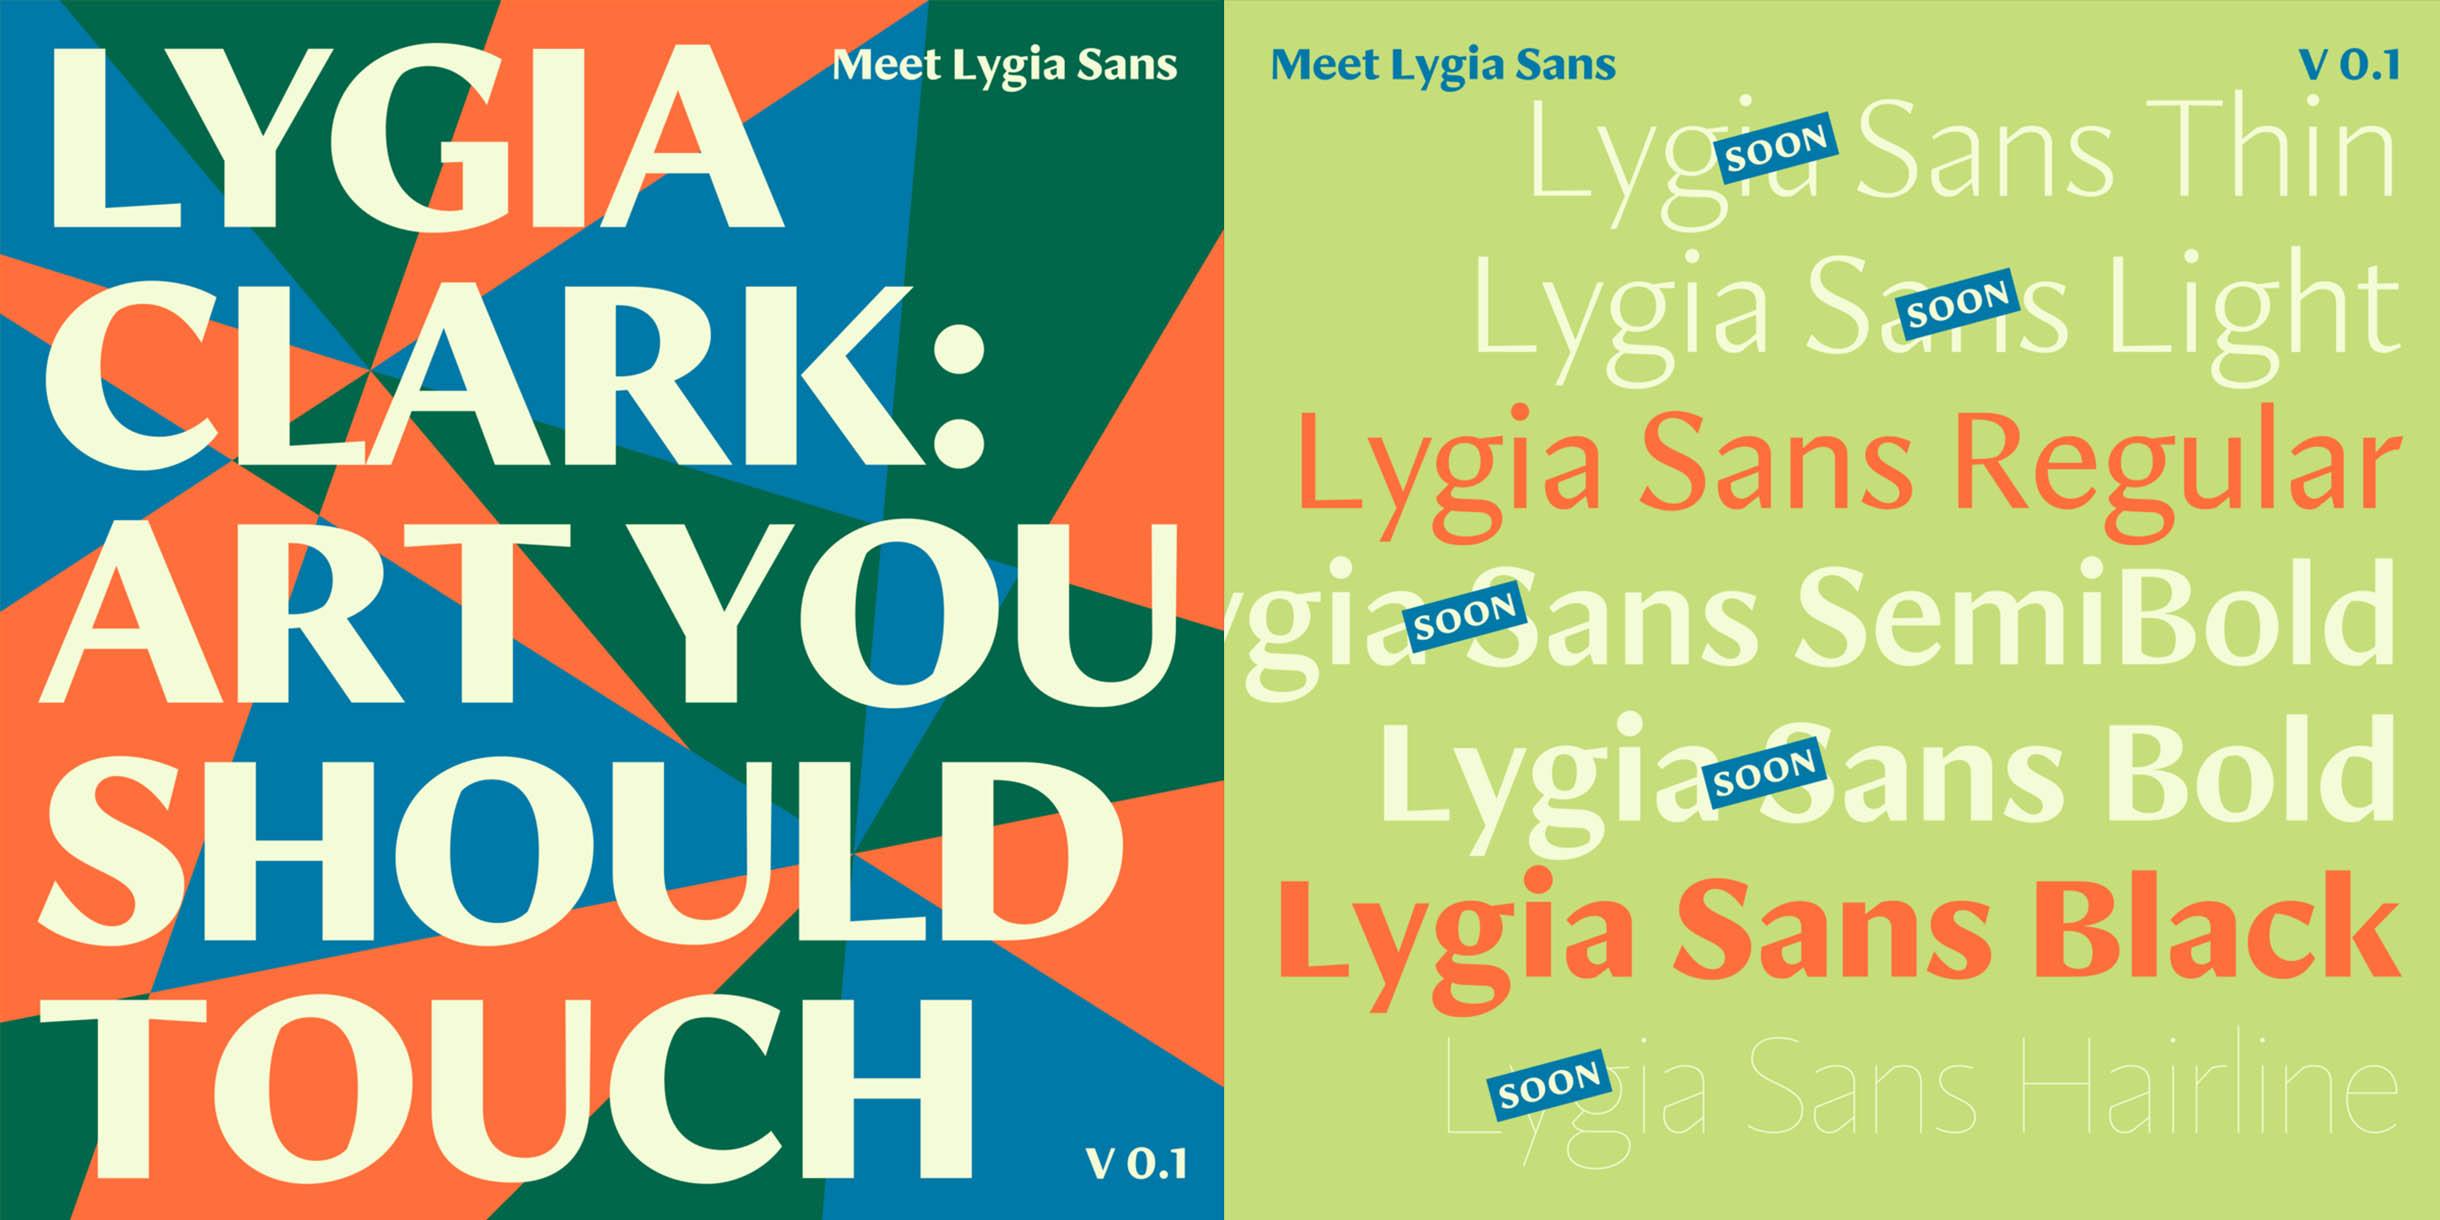 Lygia